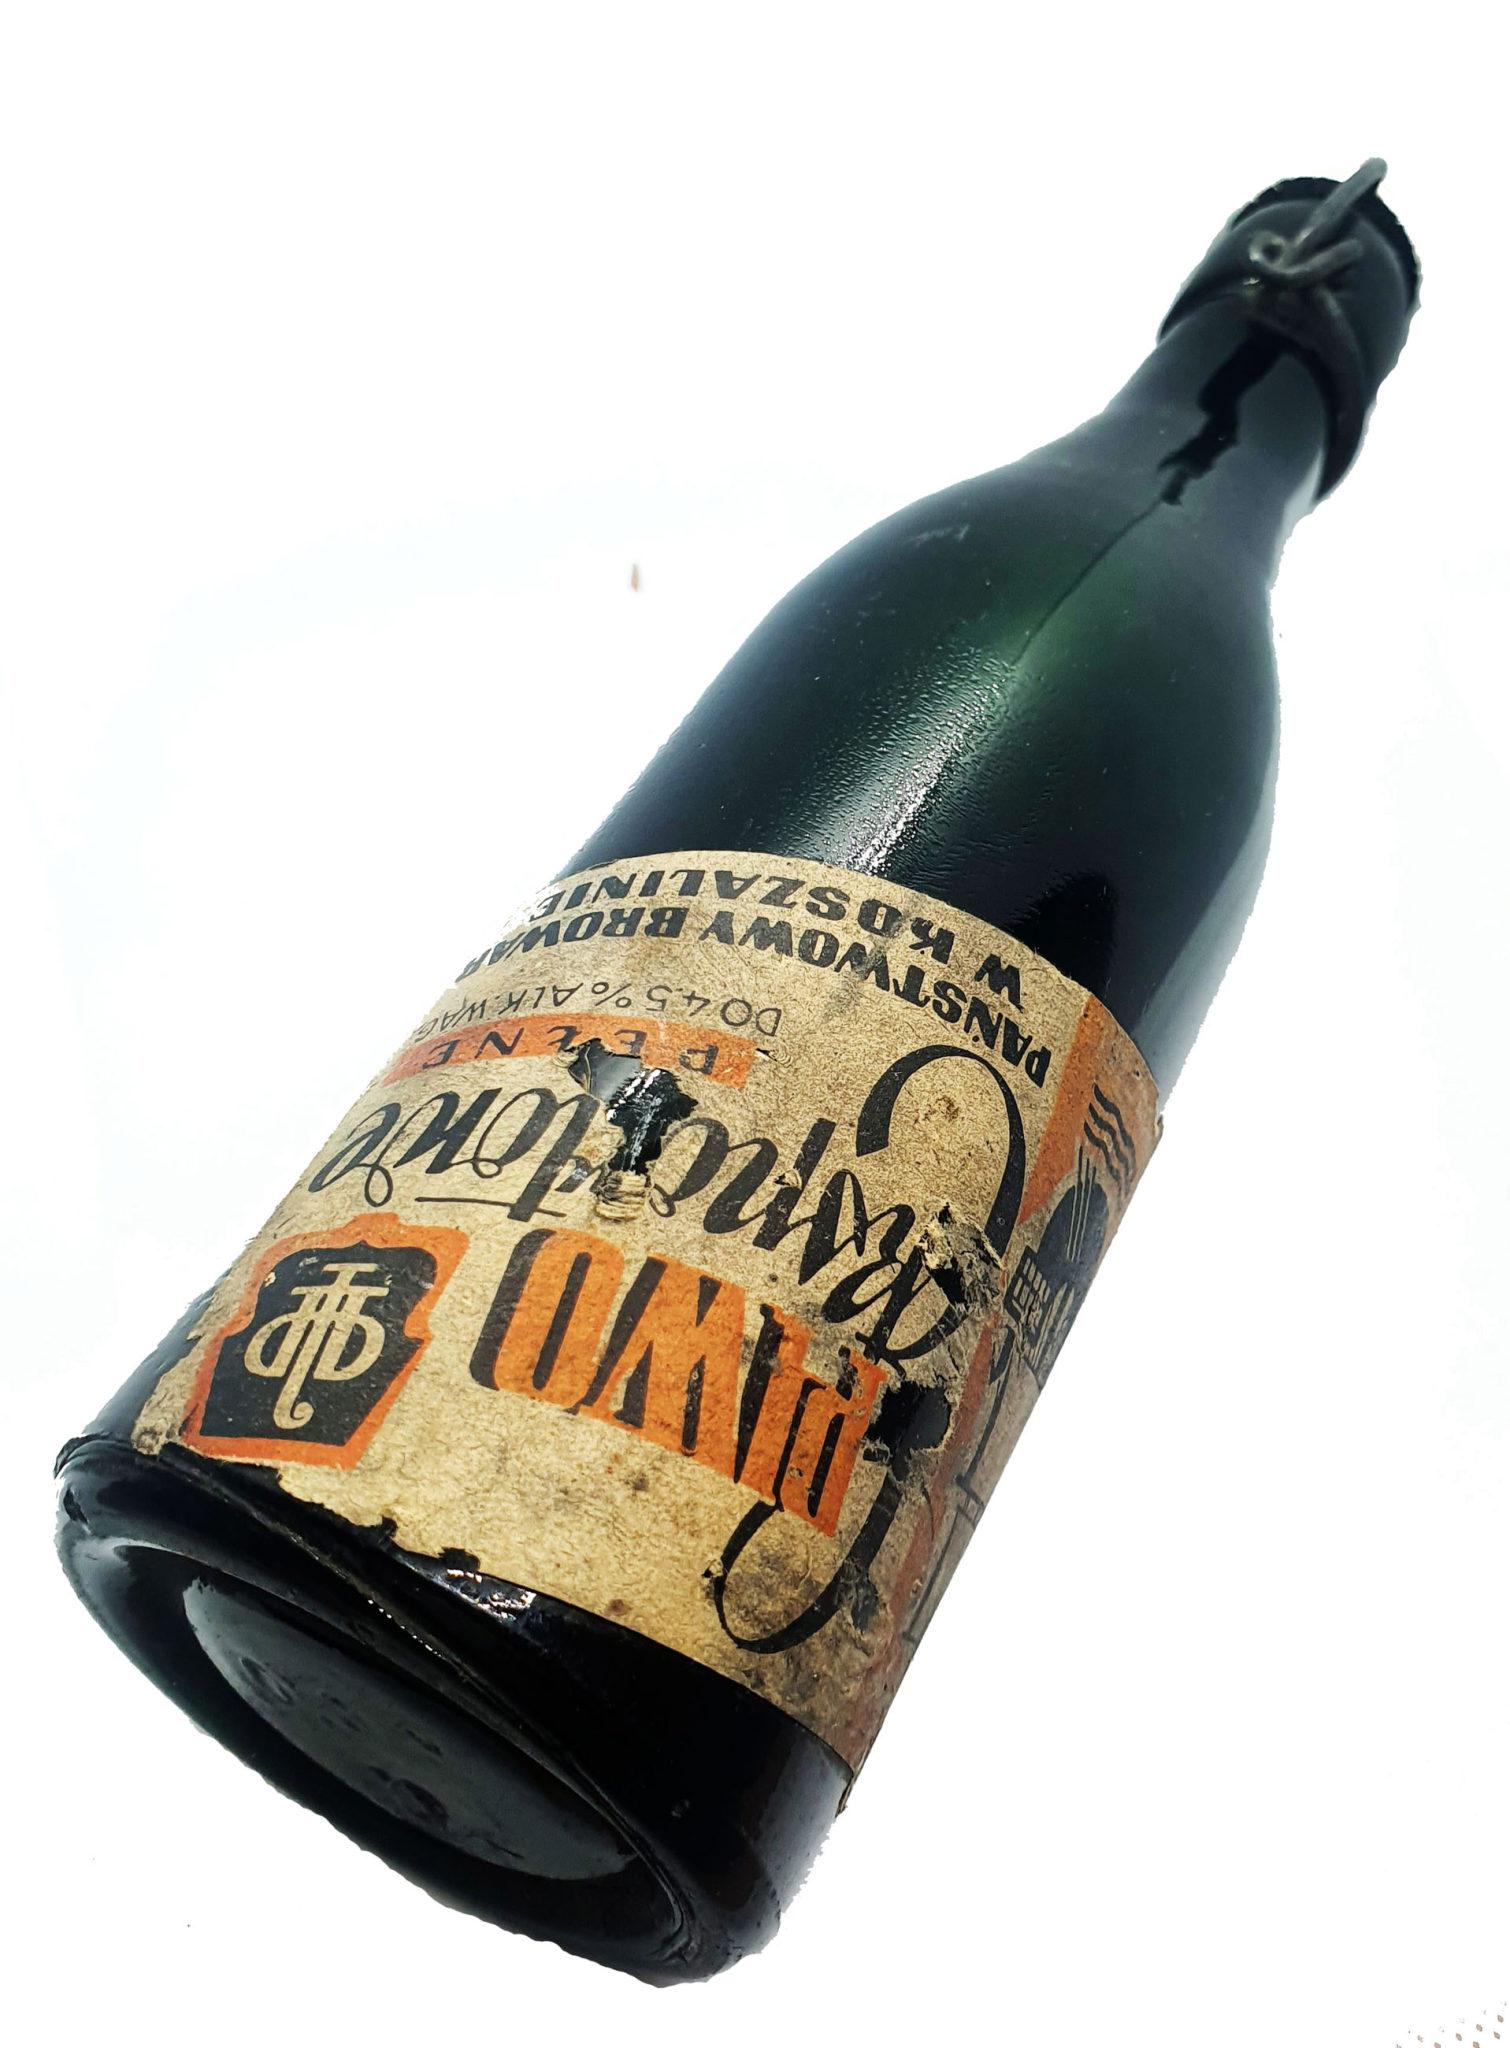 """Butelka o pojemności 0,33 l, po koszalińskim piwie """"Eksportowym"""", pochodząca z lat siedemdziesiątych ubiegłego wieku, od której zaczyna się opisana w artykule historia (Zbiory Studio Historycznego Huzar)."""